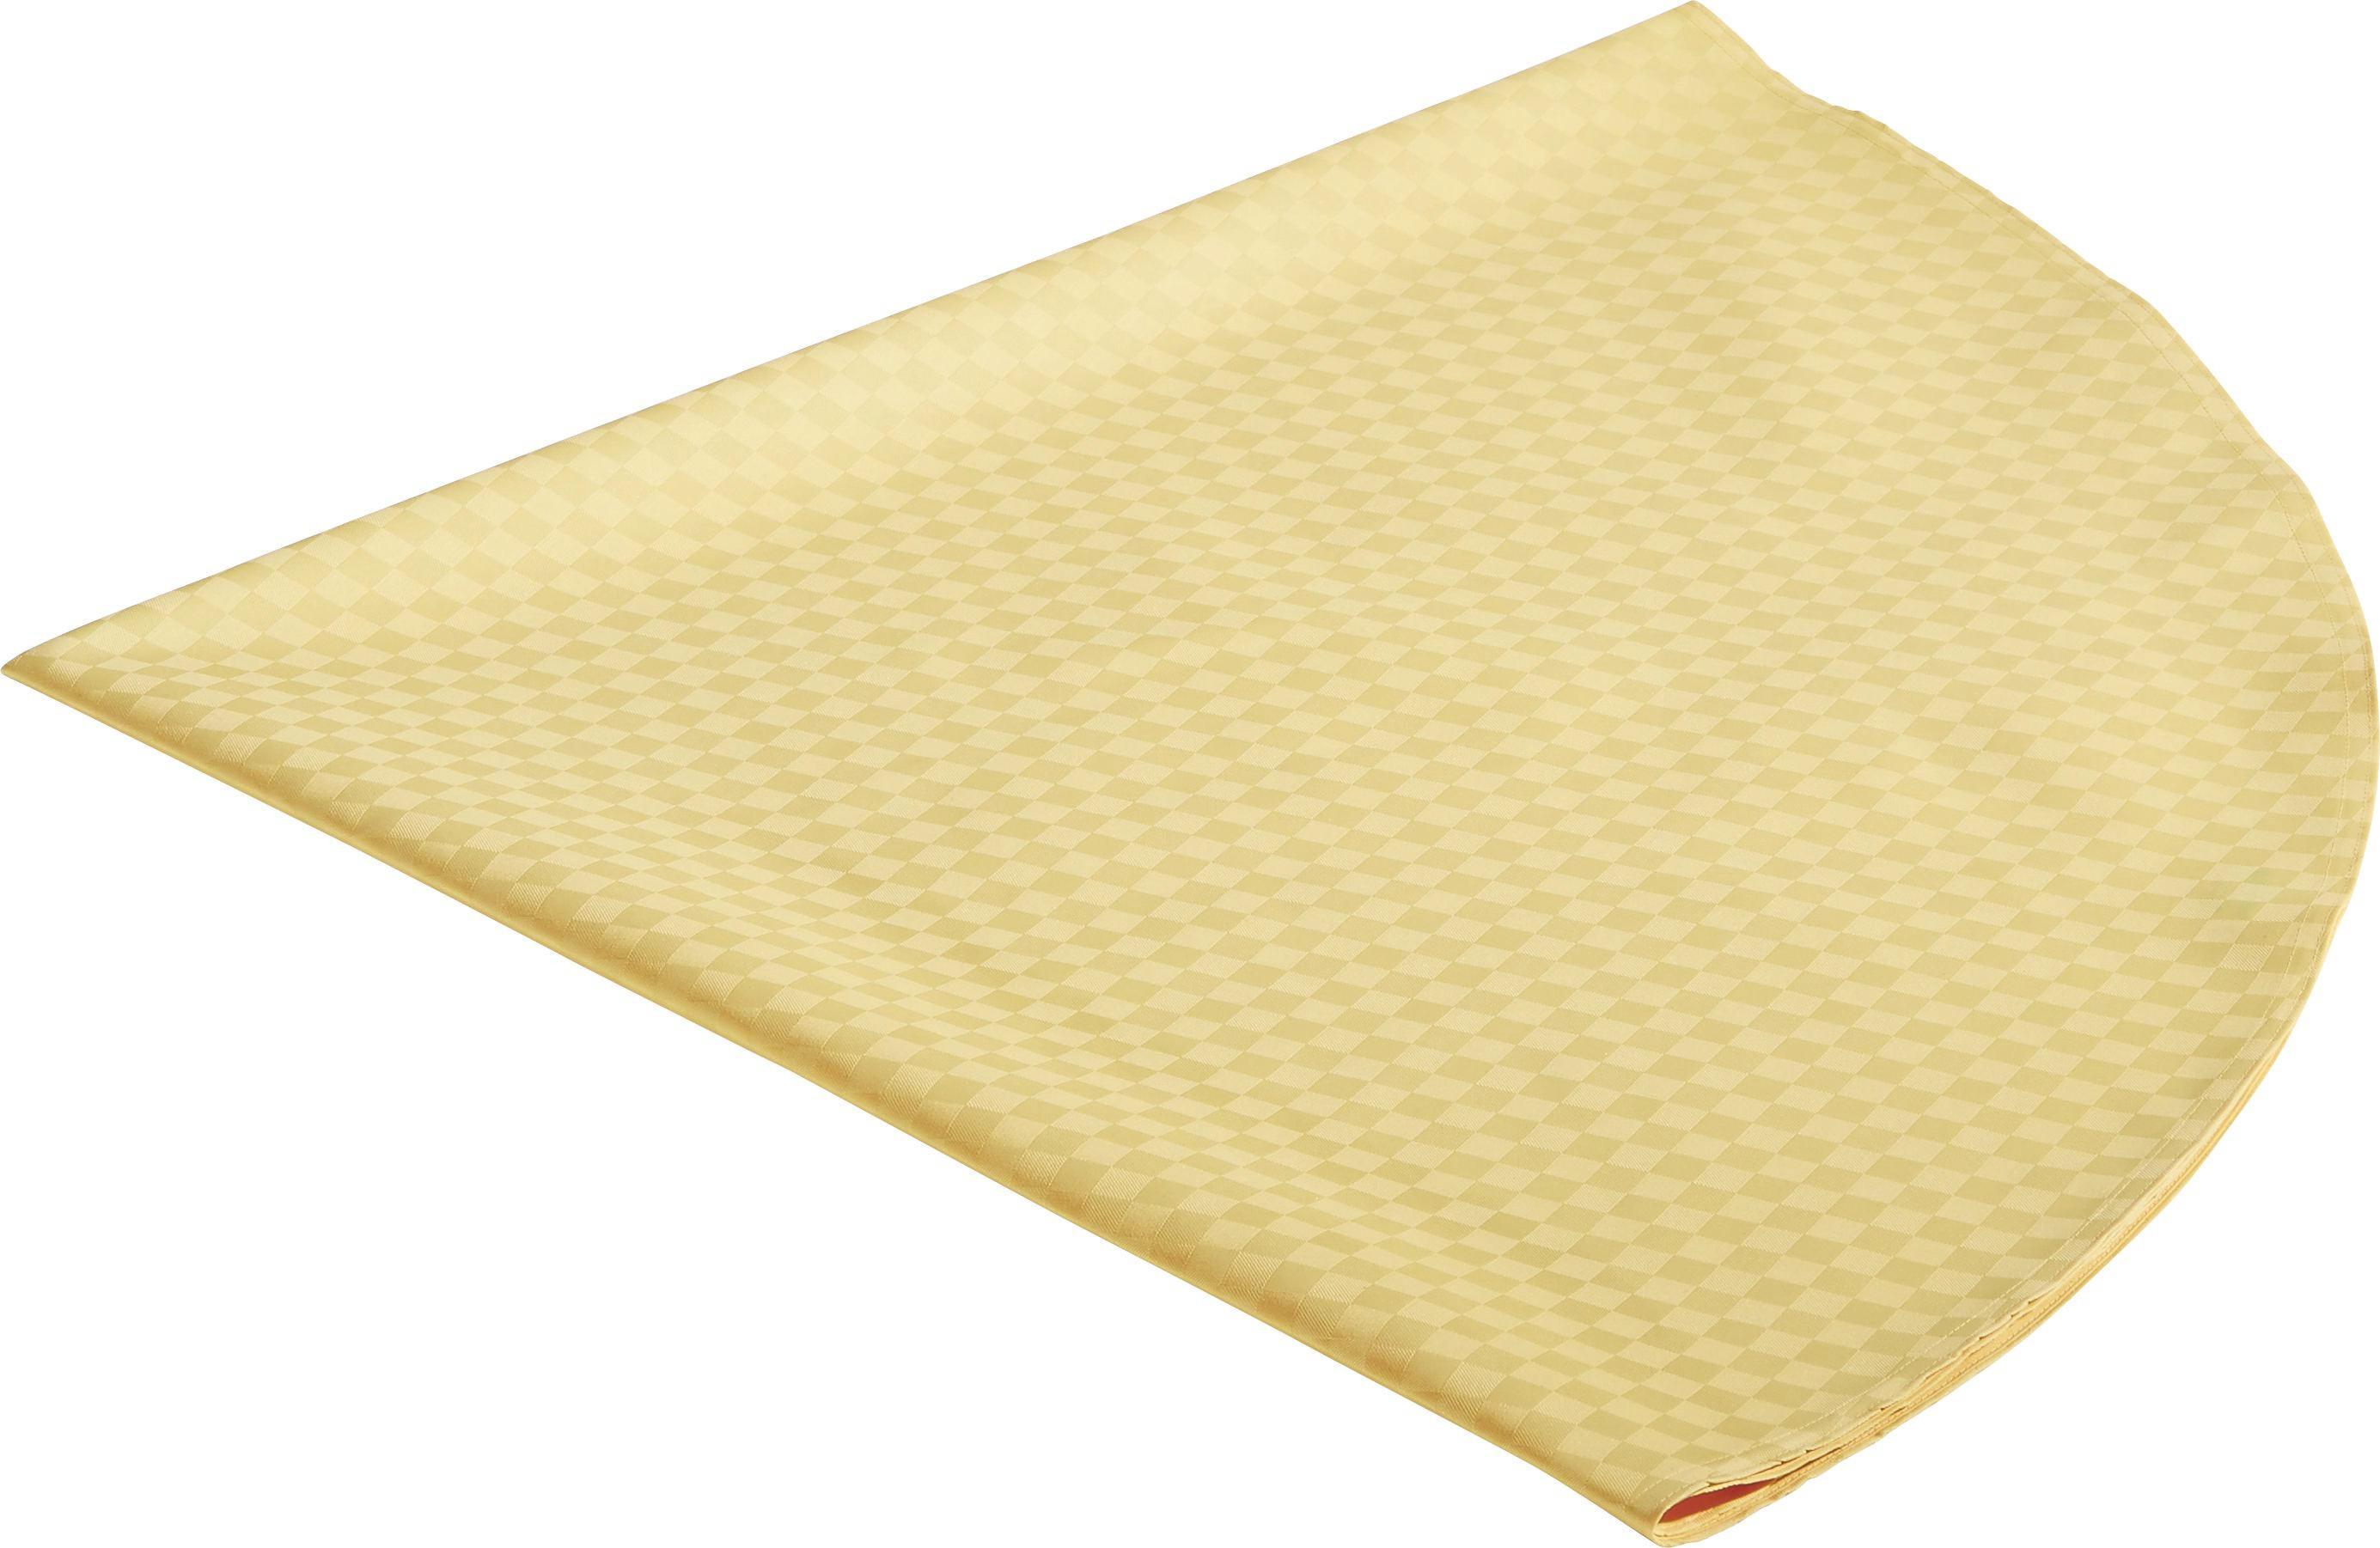 TISCHDECKE Textil Gelb 170 cm - Gelb, Basics, Textil (170cm)